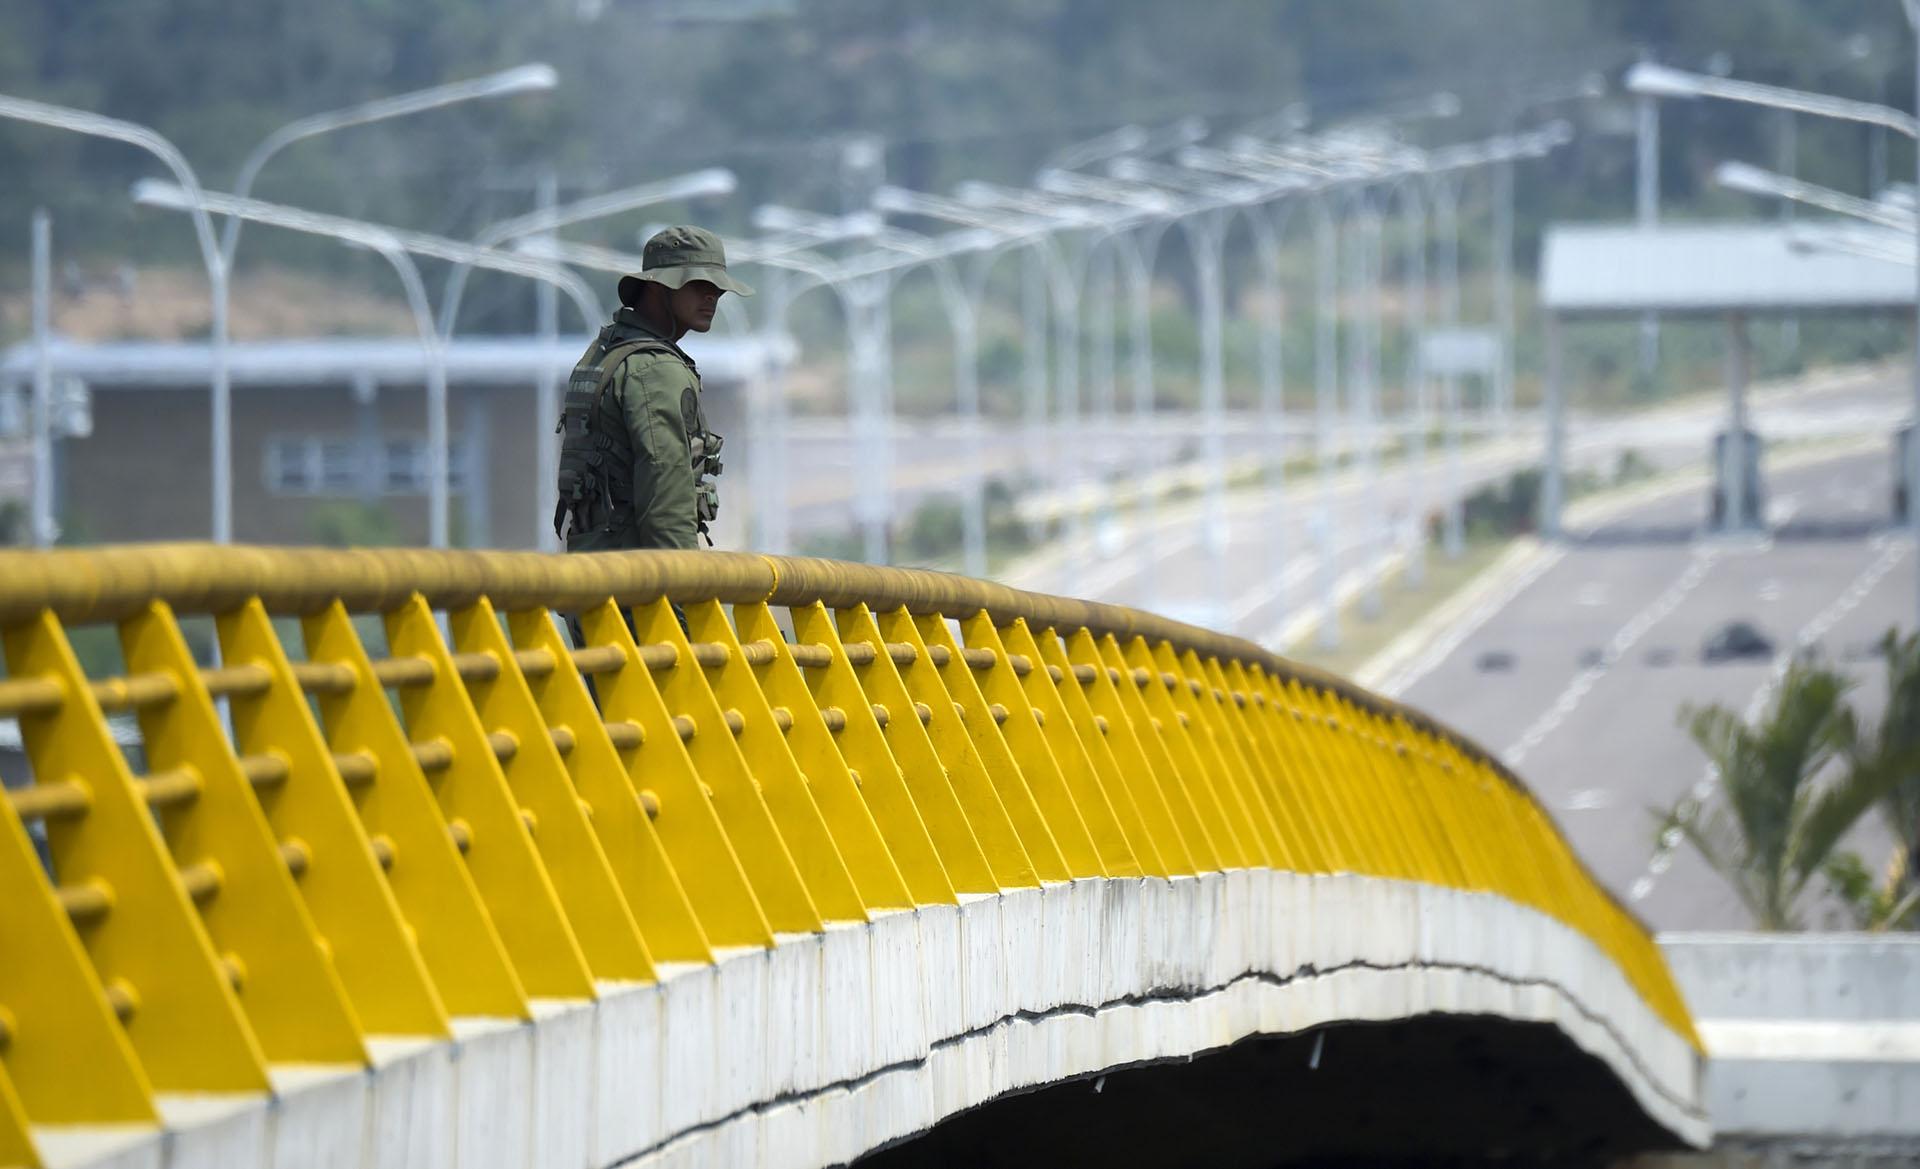 En el más absoluto hermetismo, los Gobiernos de Colombia y Estados Unidos mantienen reuniones para definir cómo se hará la operación de acopio de alimentos y medicinas en esta ciudad y su posterior traslado a Venezuela, tal como anunció el sábado el jefe del Parlamento y presidente interino de ese país, Juan Guaidó, reconocido como tal por la mayoría de la comunidad internacional